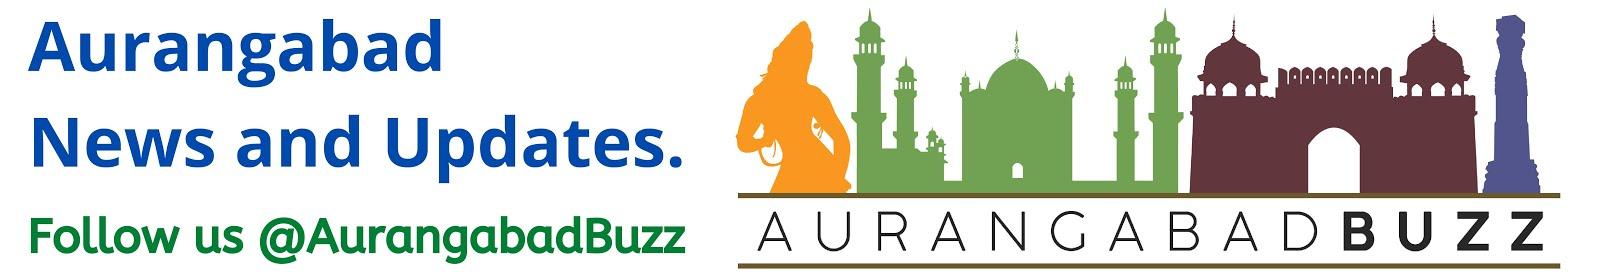 Aurangabad Buzz